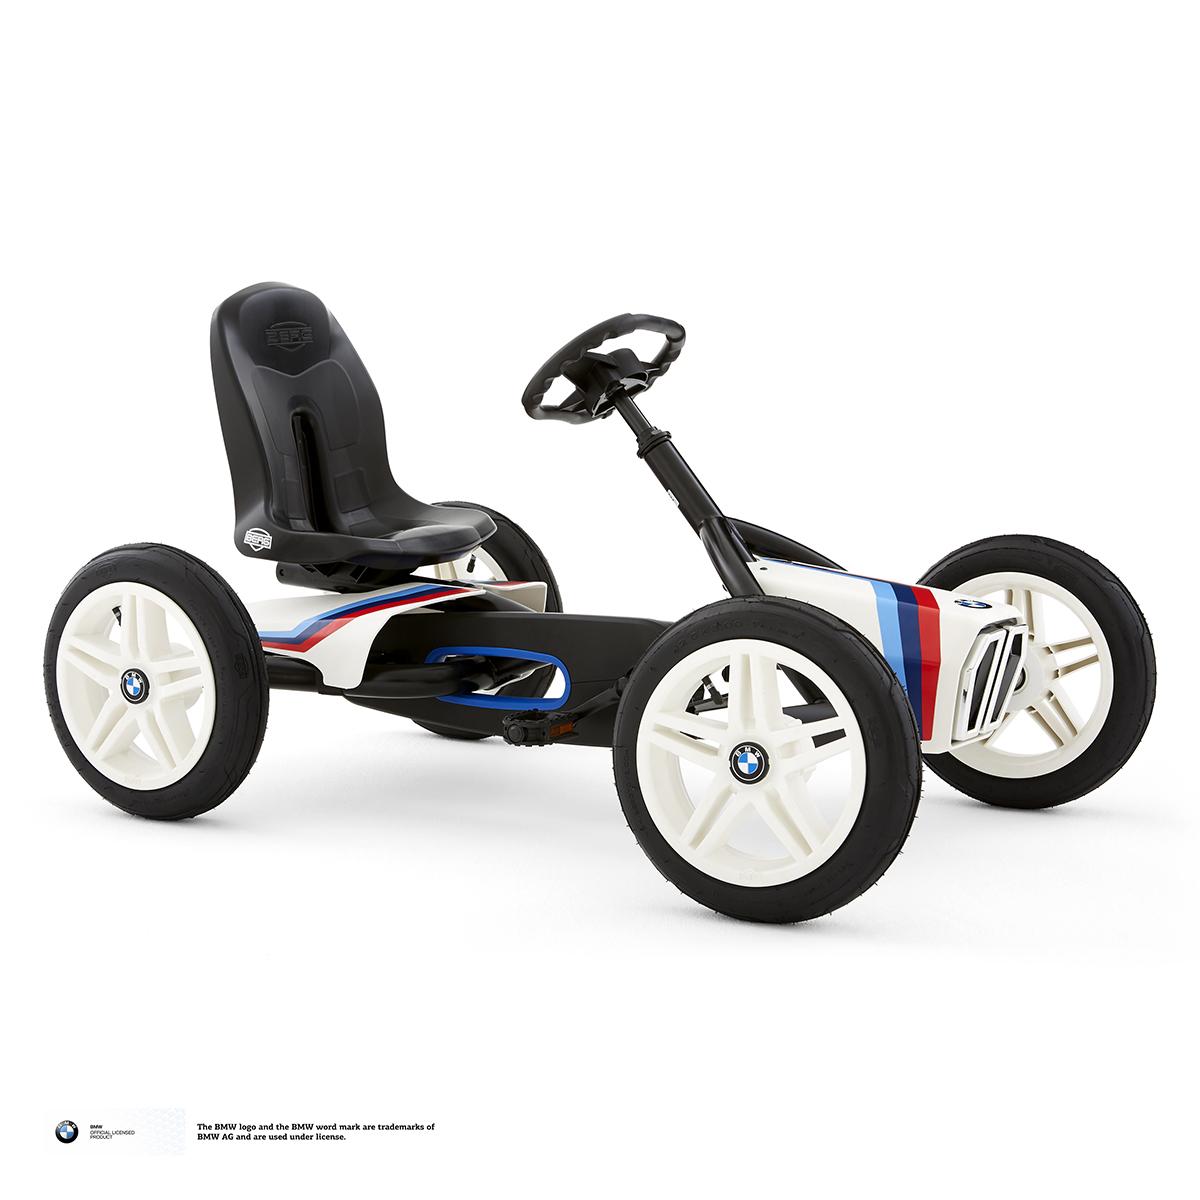 Kart à pédales BMW Street Racer - De 3 à 6 ans